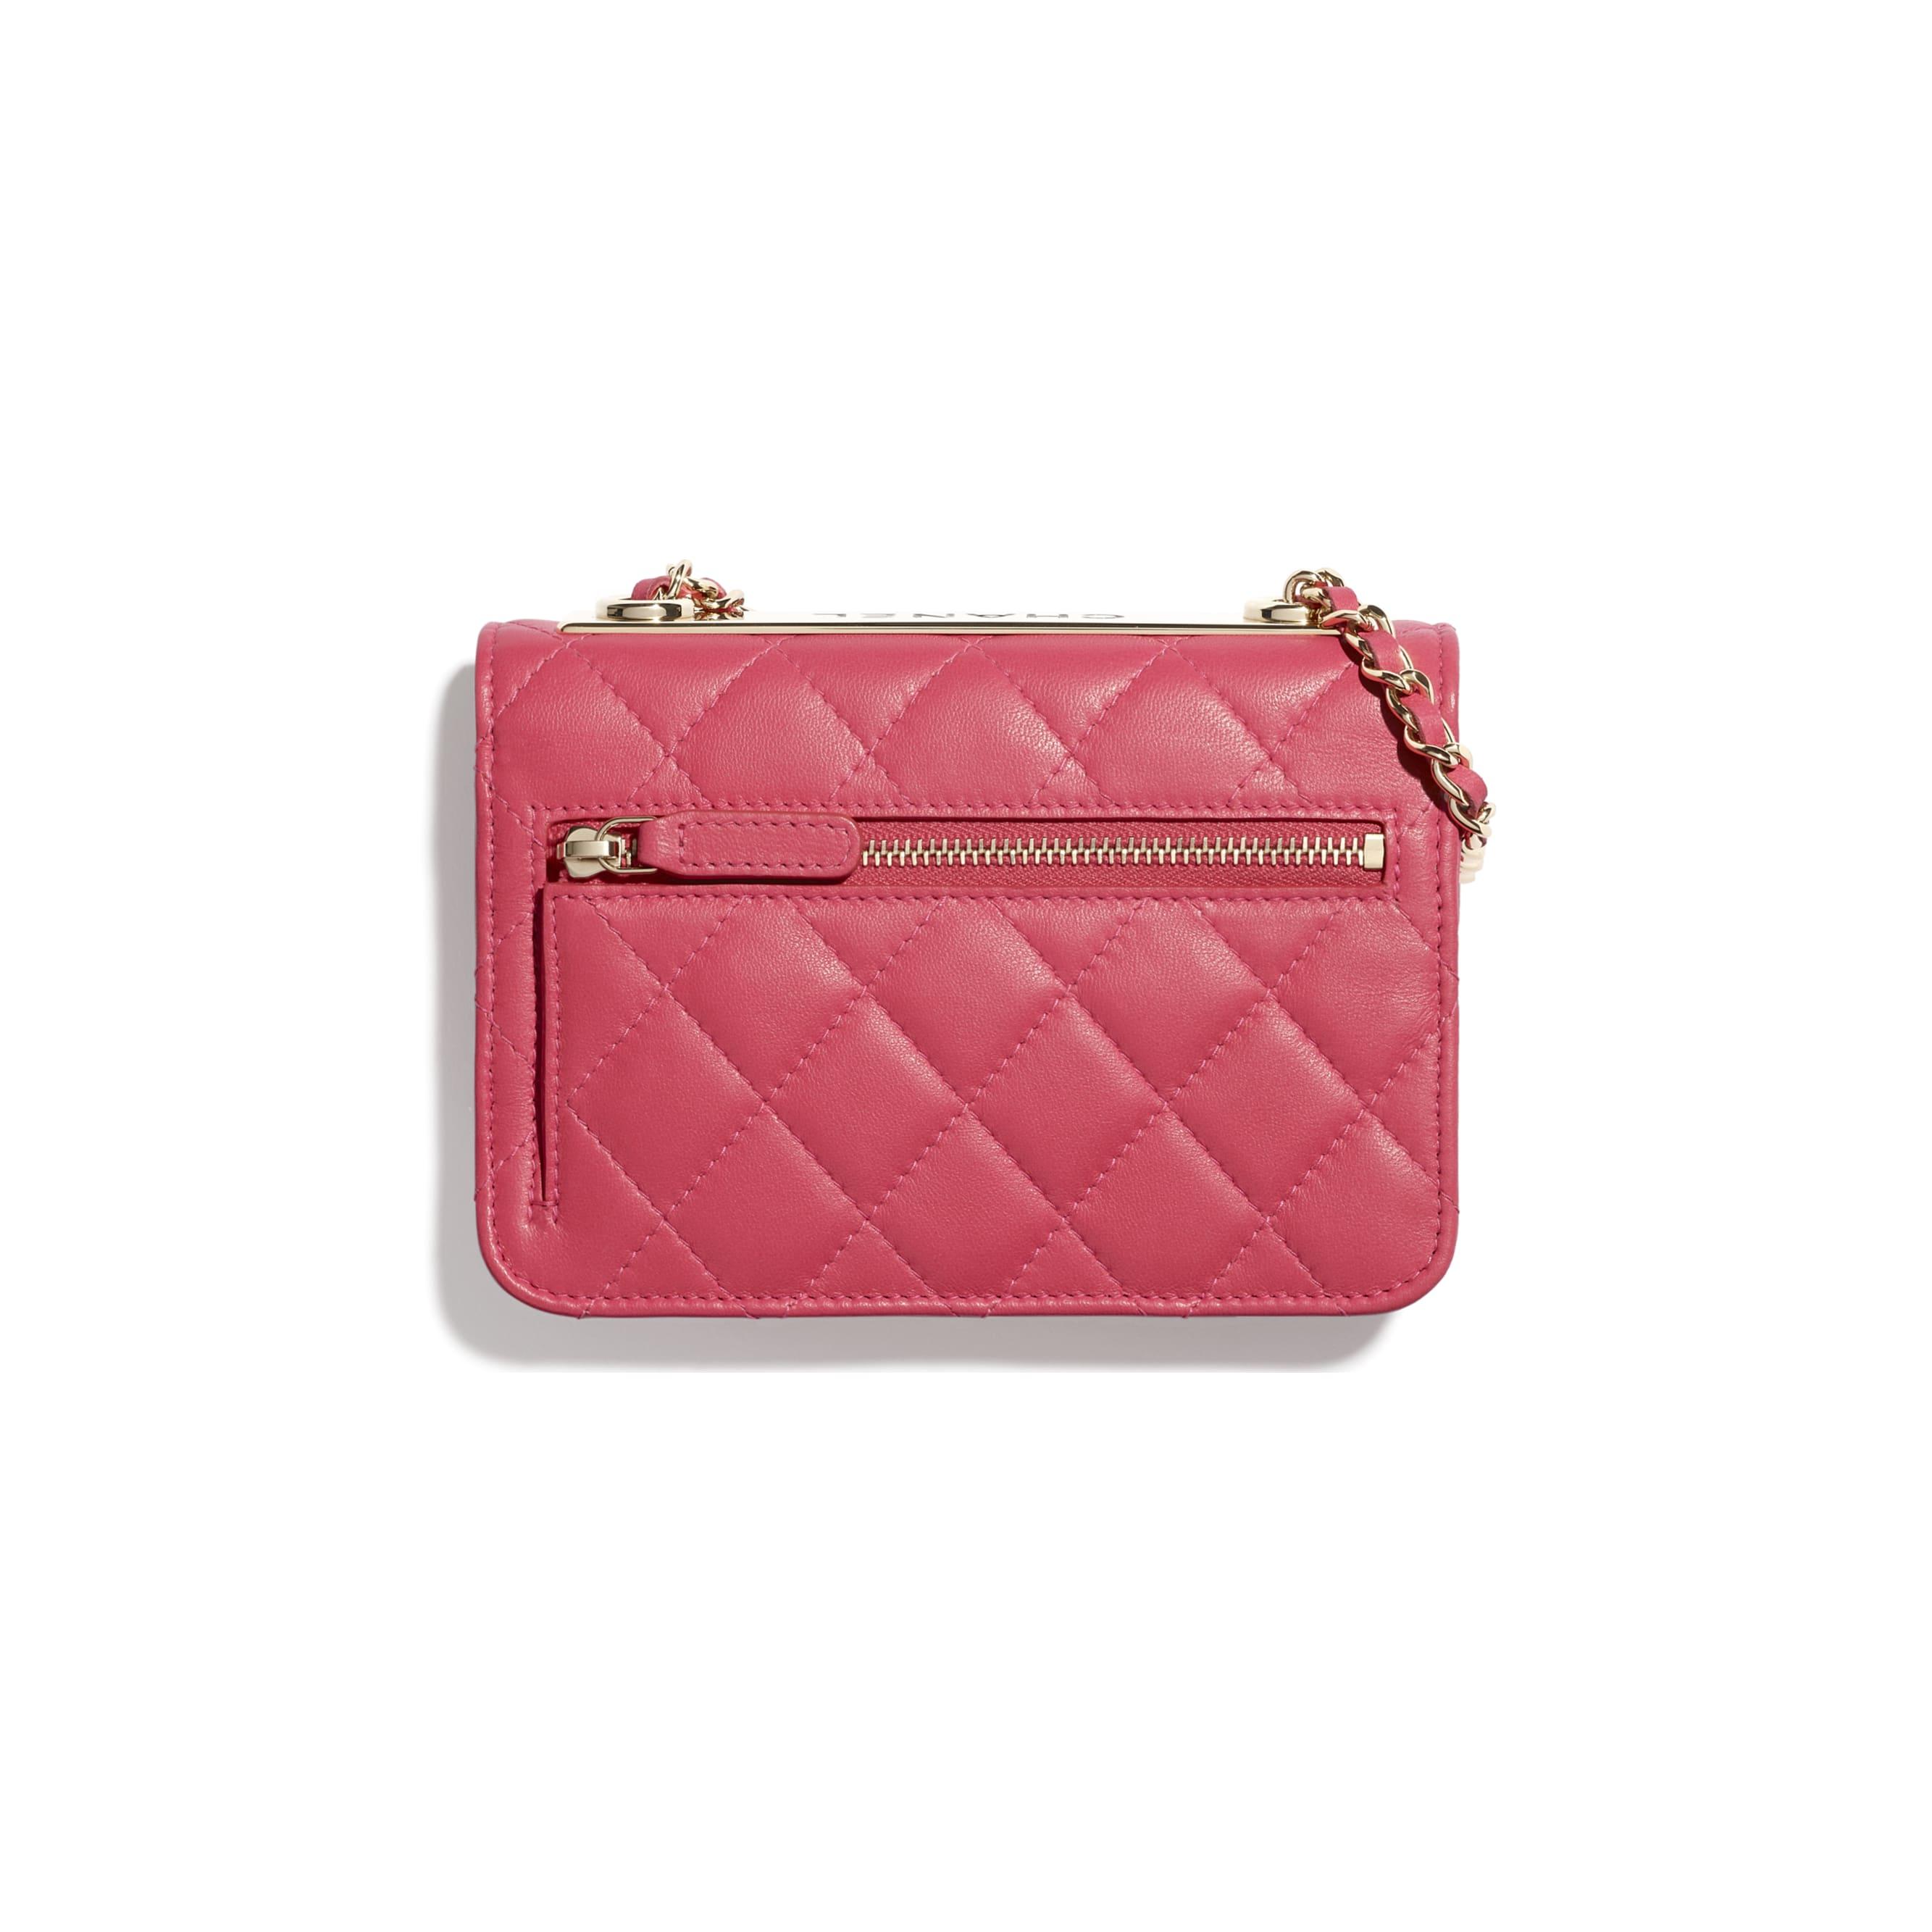 Bolso de mano con cadena - Rosa - Piel de cordero y metal dorado - CHANEL - Vista alternativa - ver la versión tamaño estándar